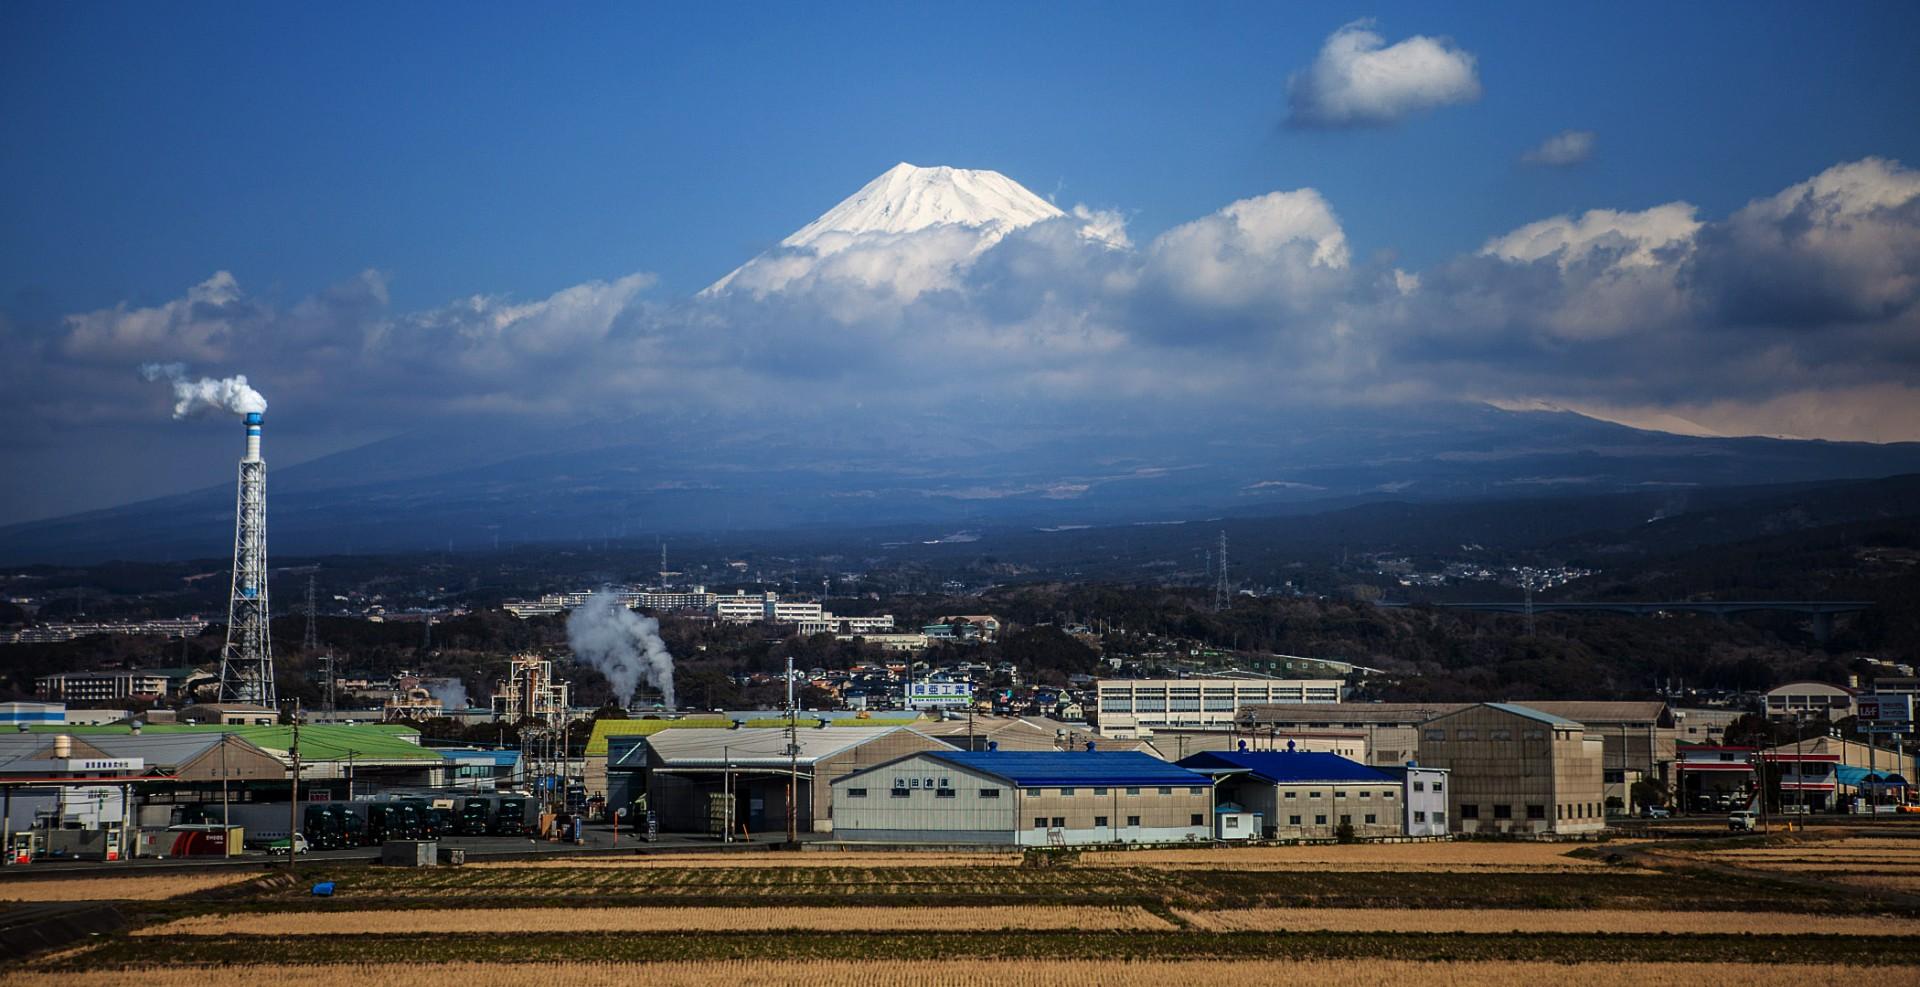 Reportage-Fotograf-in-Paris-Reportage-Fotografie-Japan-Berg-Vulkan-Fuji